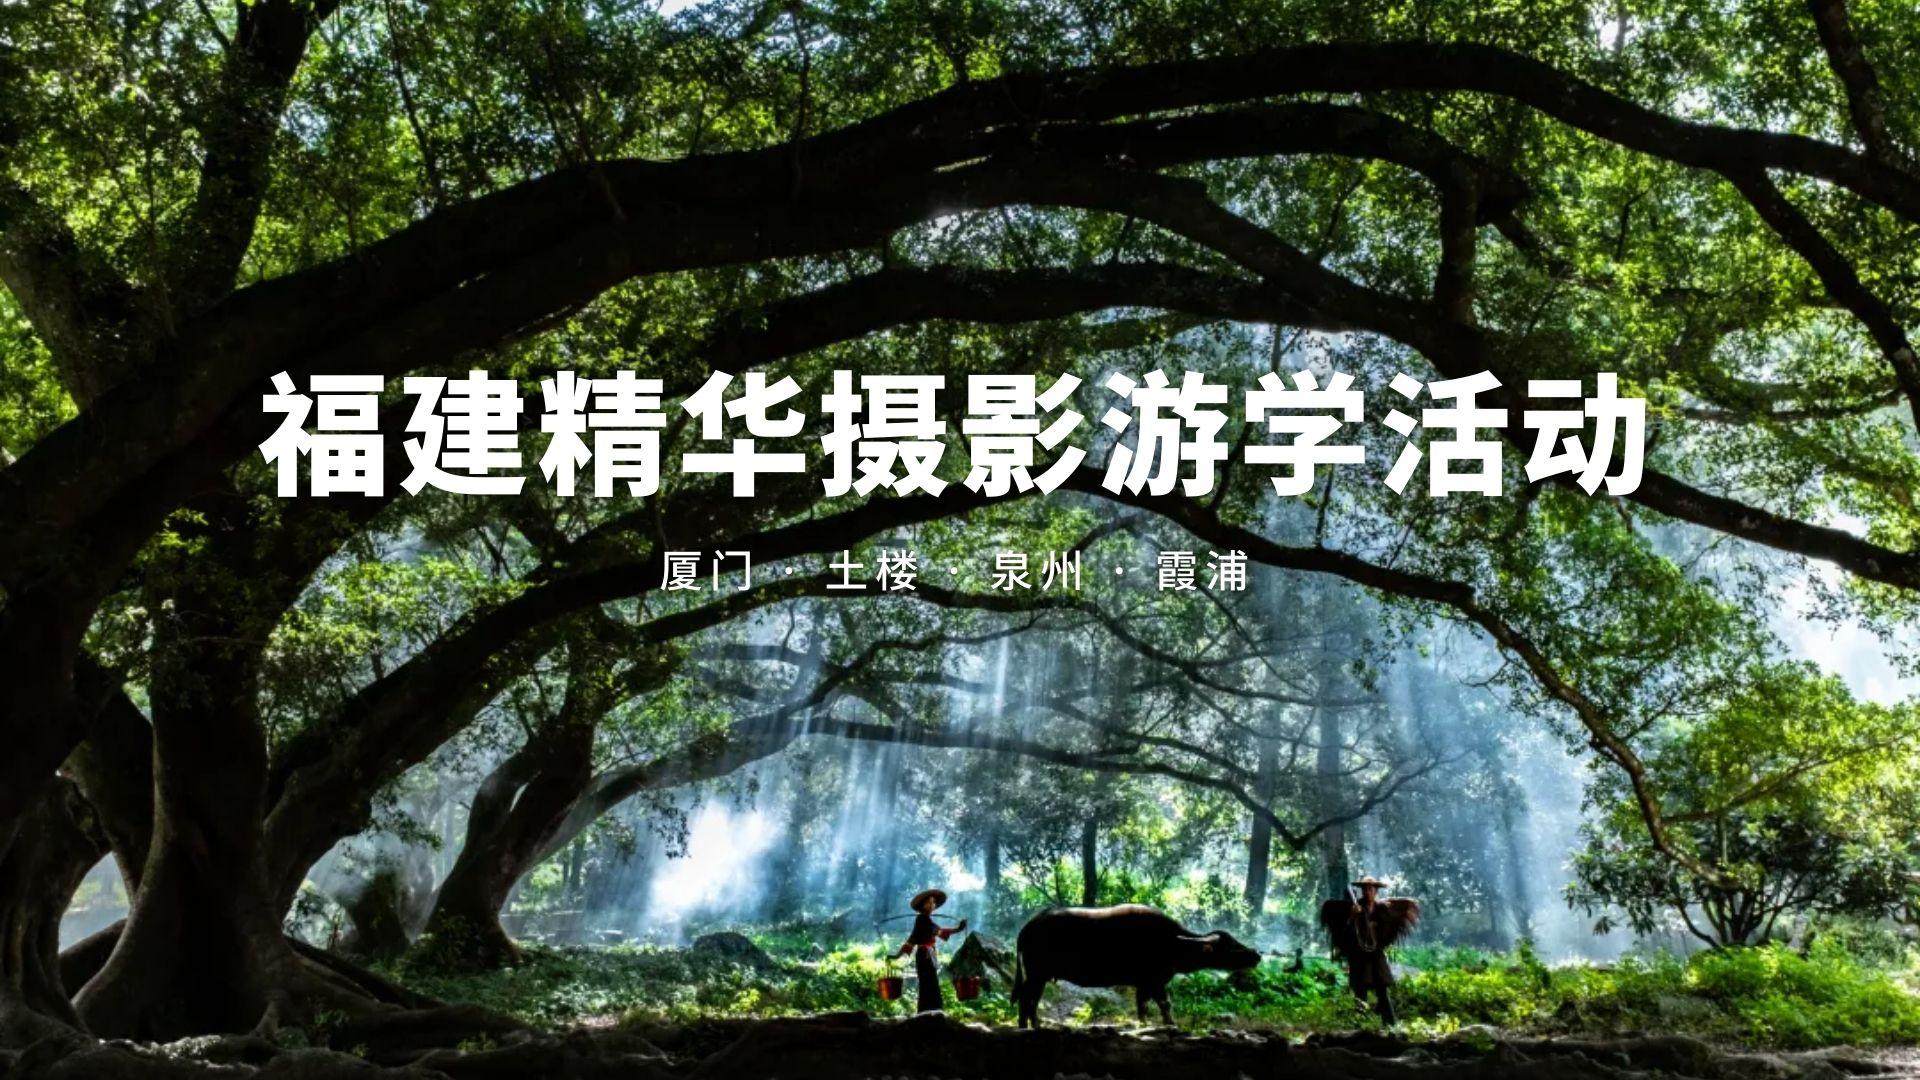 福建精华摄影游学活动